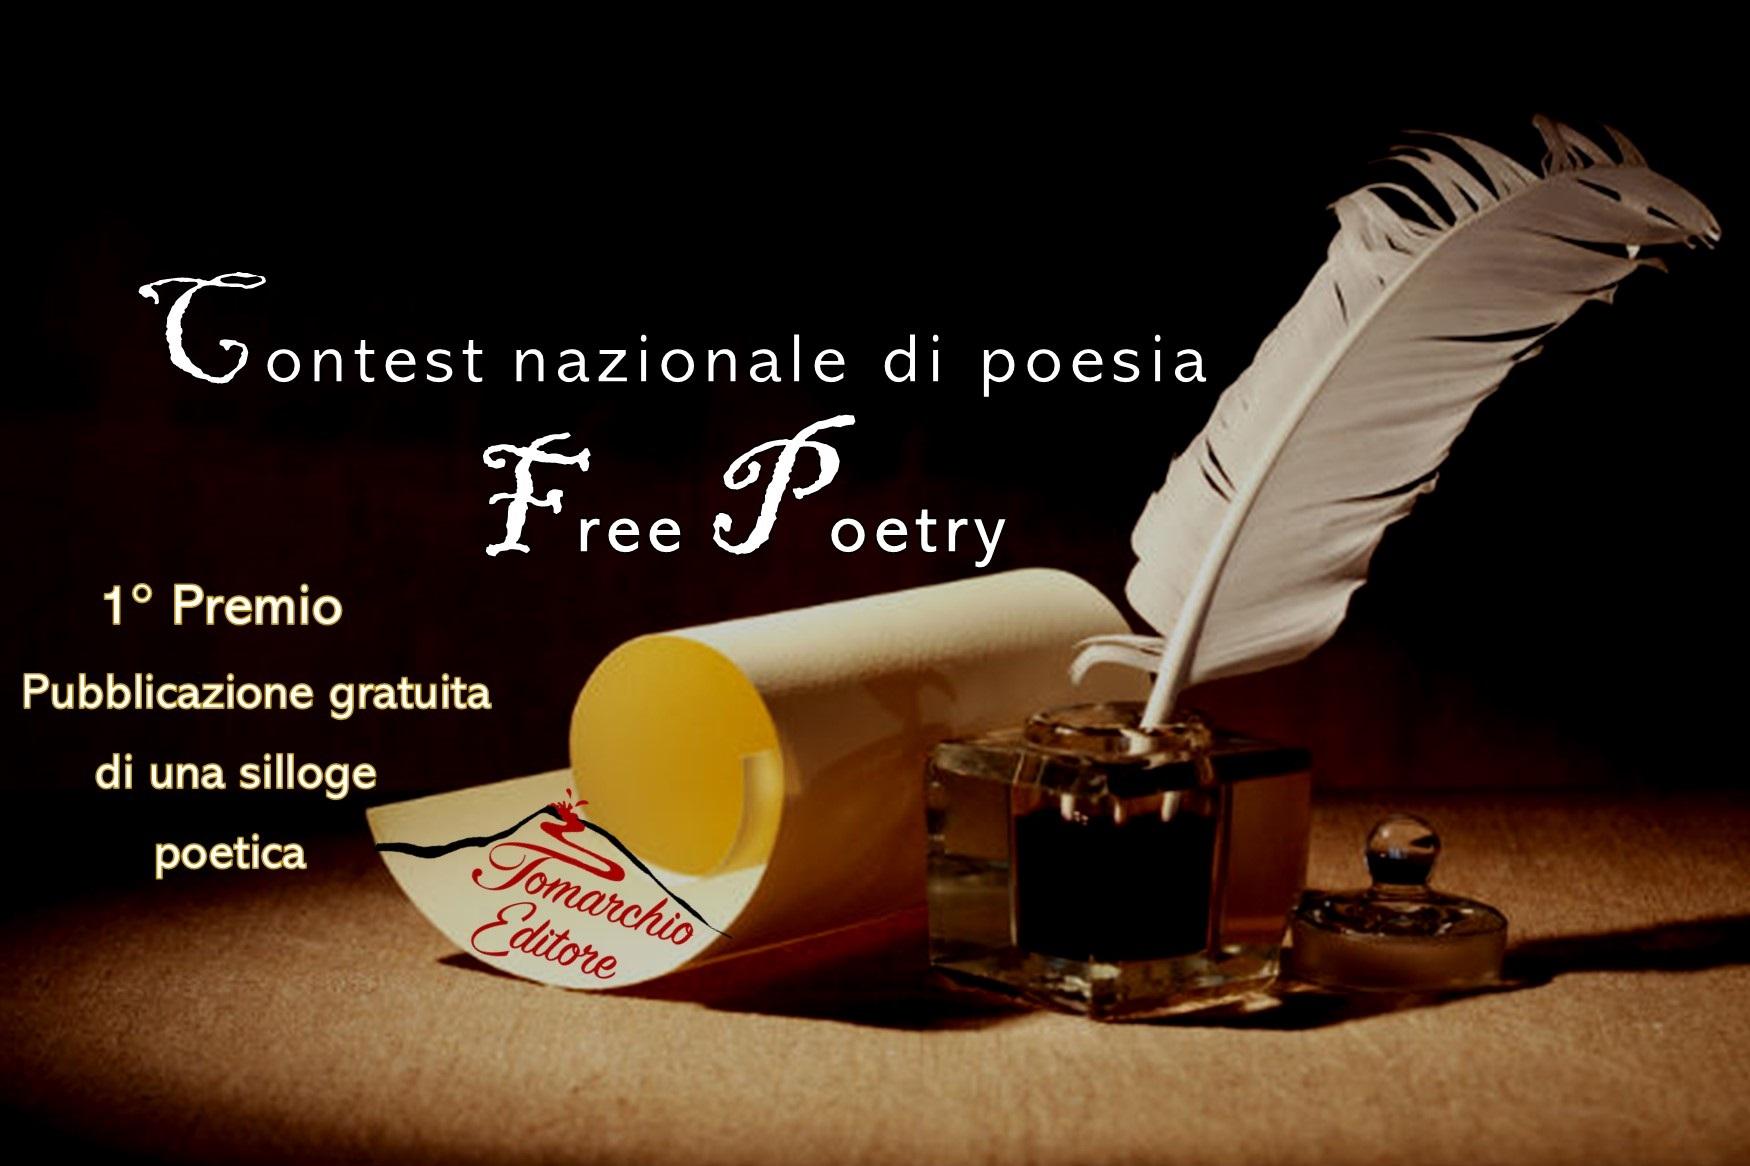 Contest nazionale di poesia Free Poetry – partecipazione gratuita